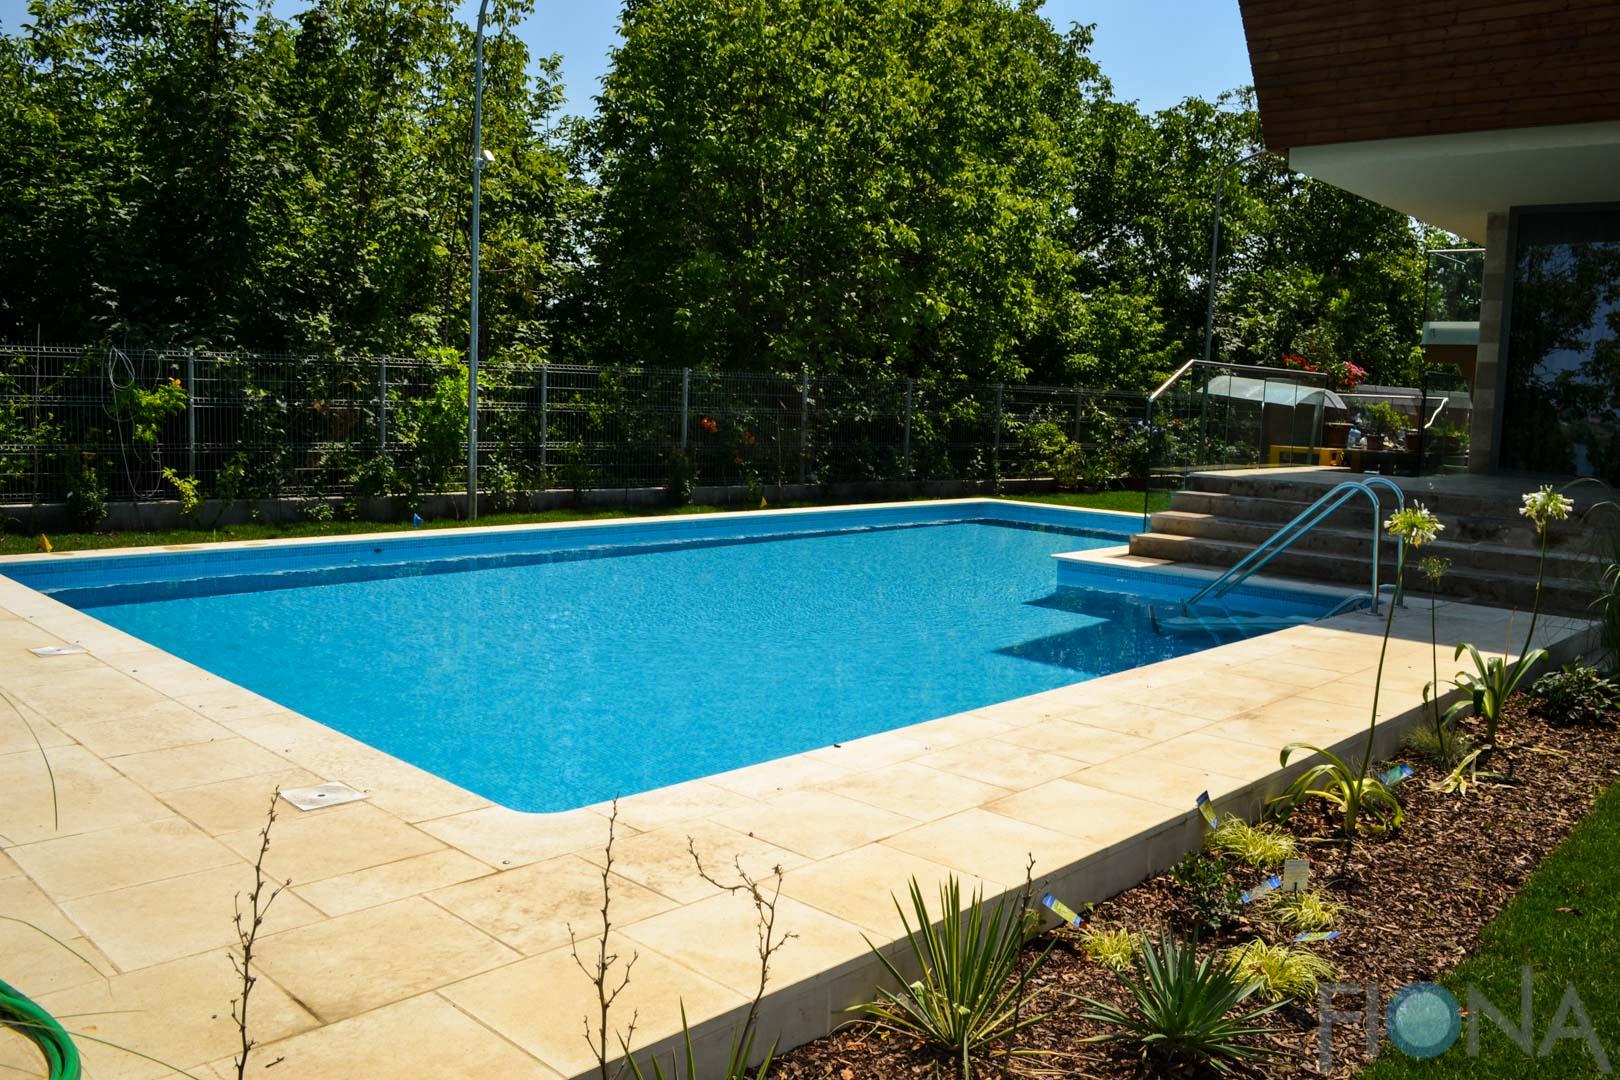 piscina-privata-skimmer5